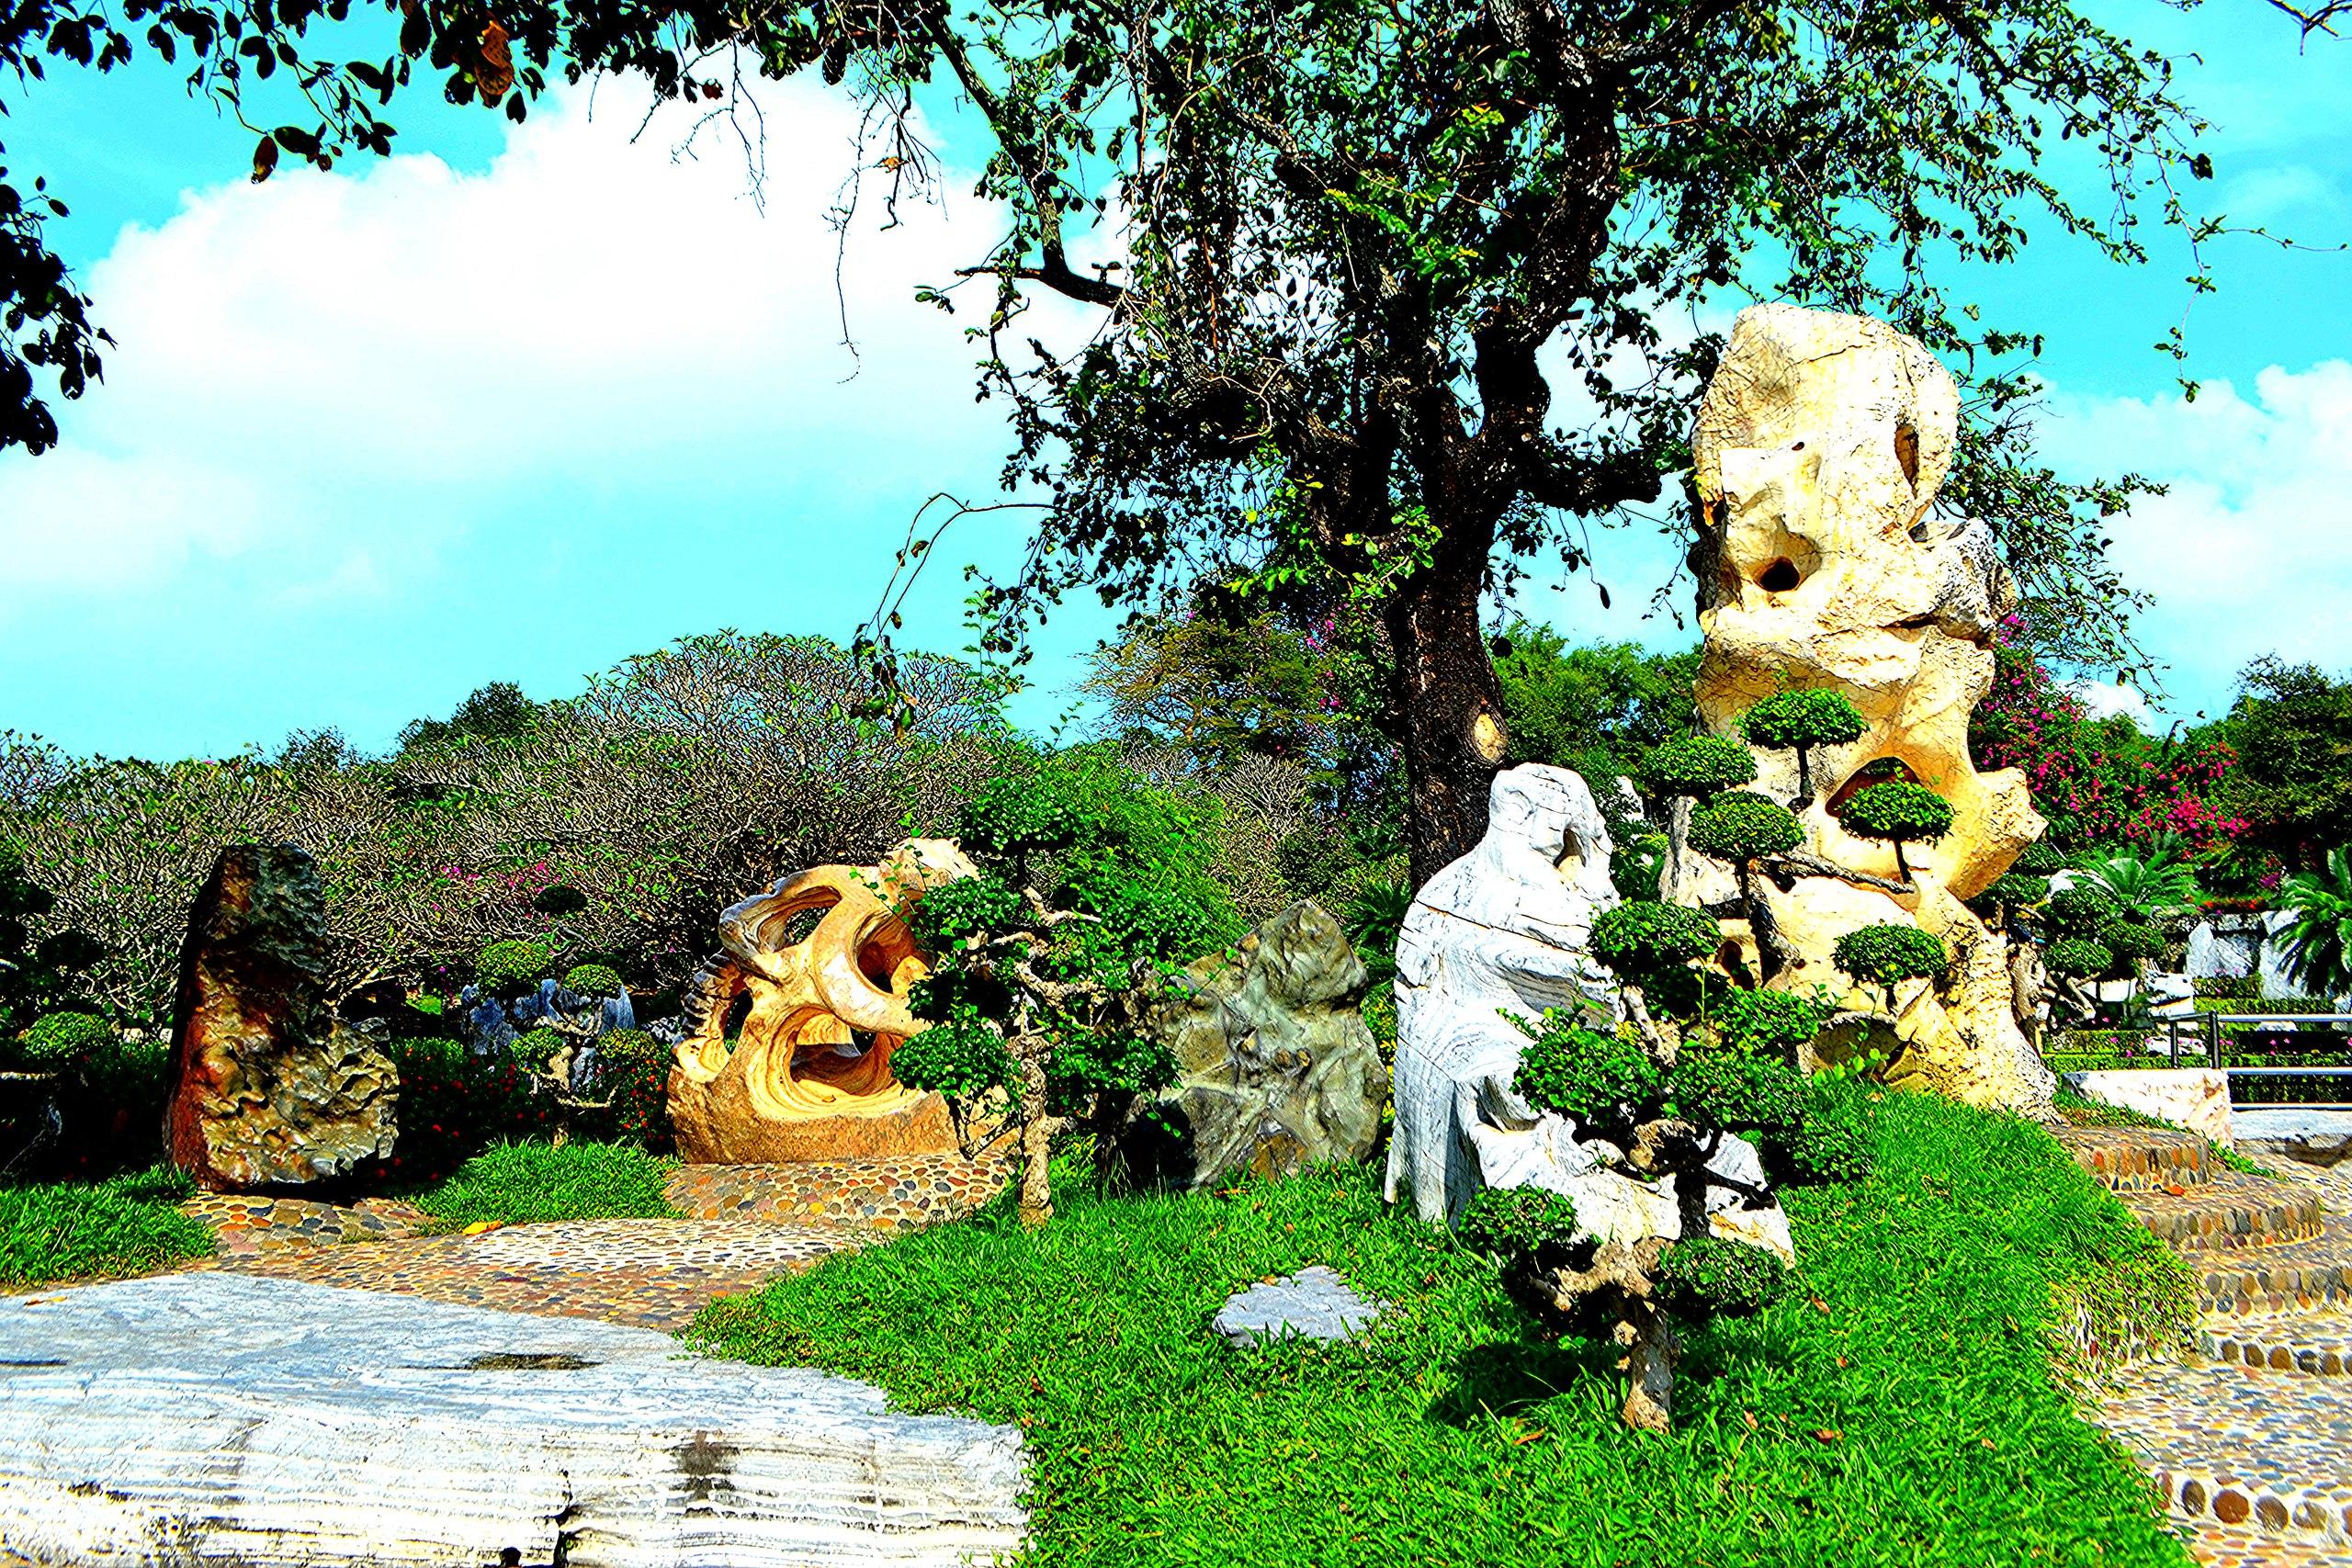 Елена Руденко ( Валтея ). Таиланд. Парк миллионолетних камней и крокодиловая ферма. 6MXqwR9-sX0